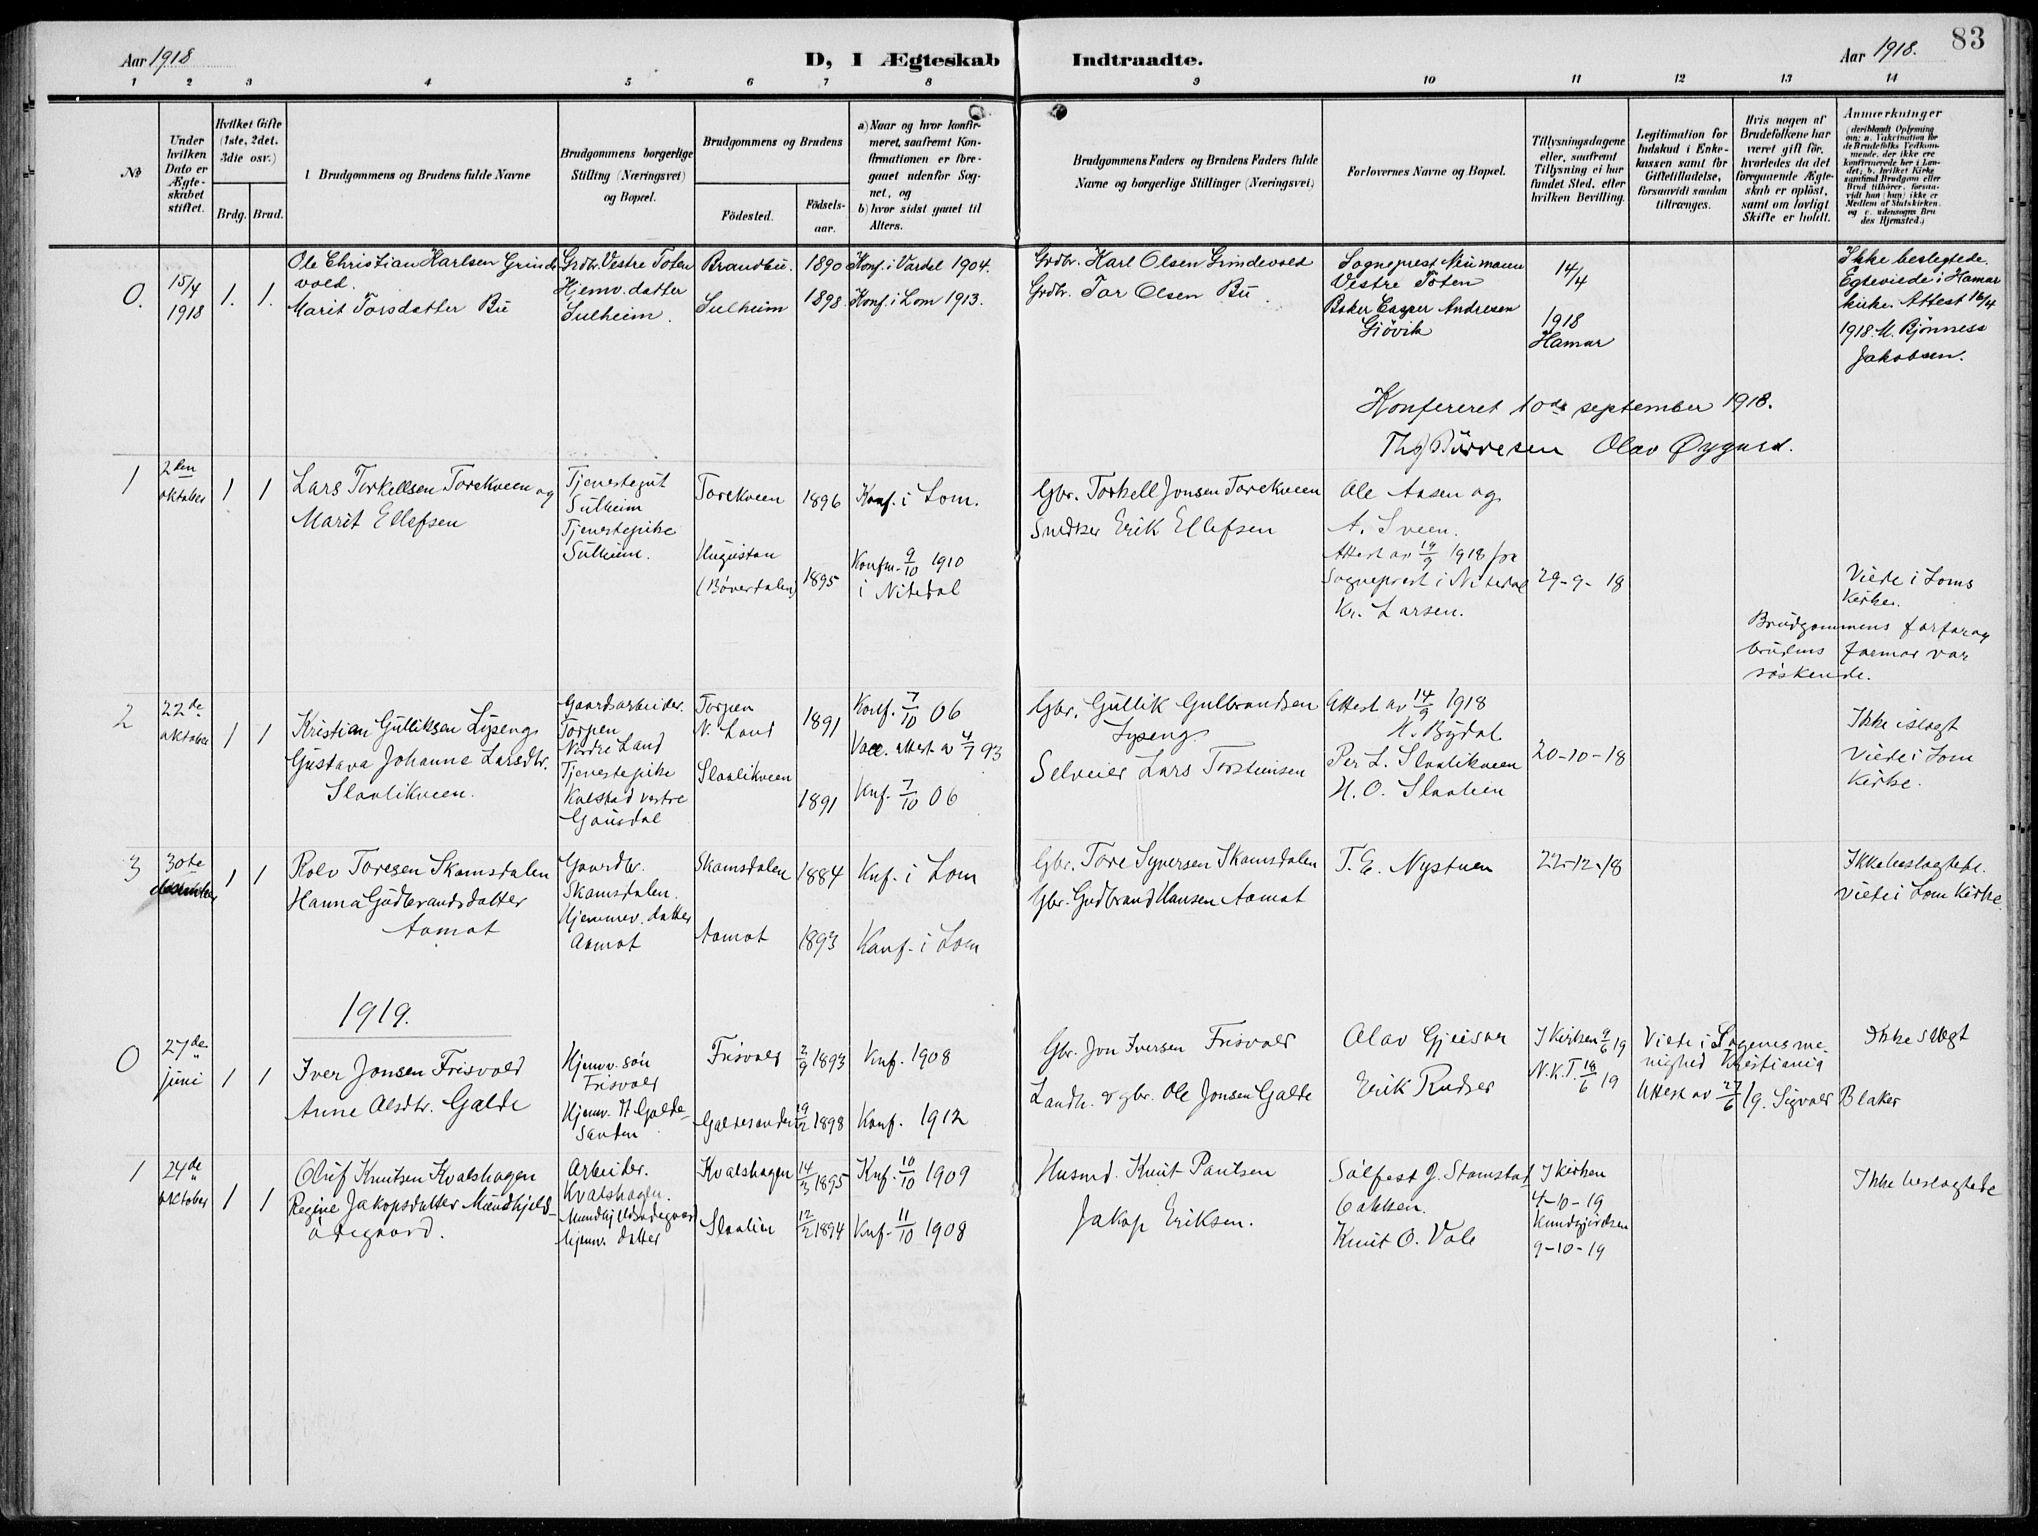 SAH, Lom prestekontor, L/L0007: Klokkerbok nr. 7, 1904-1938, s. 83